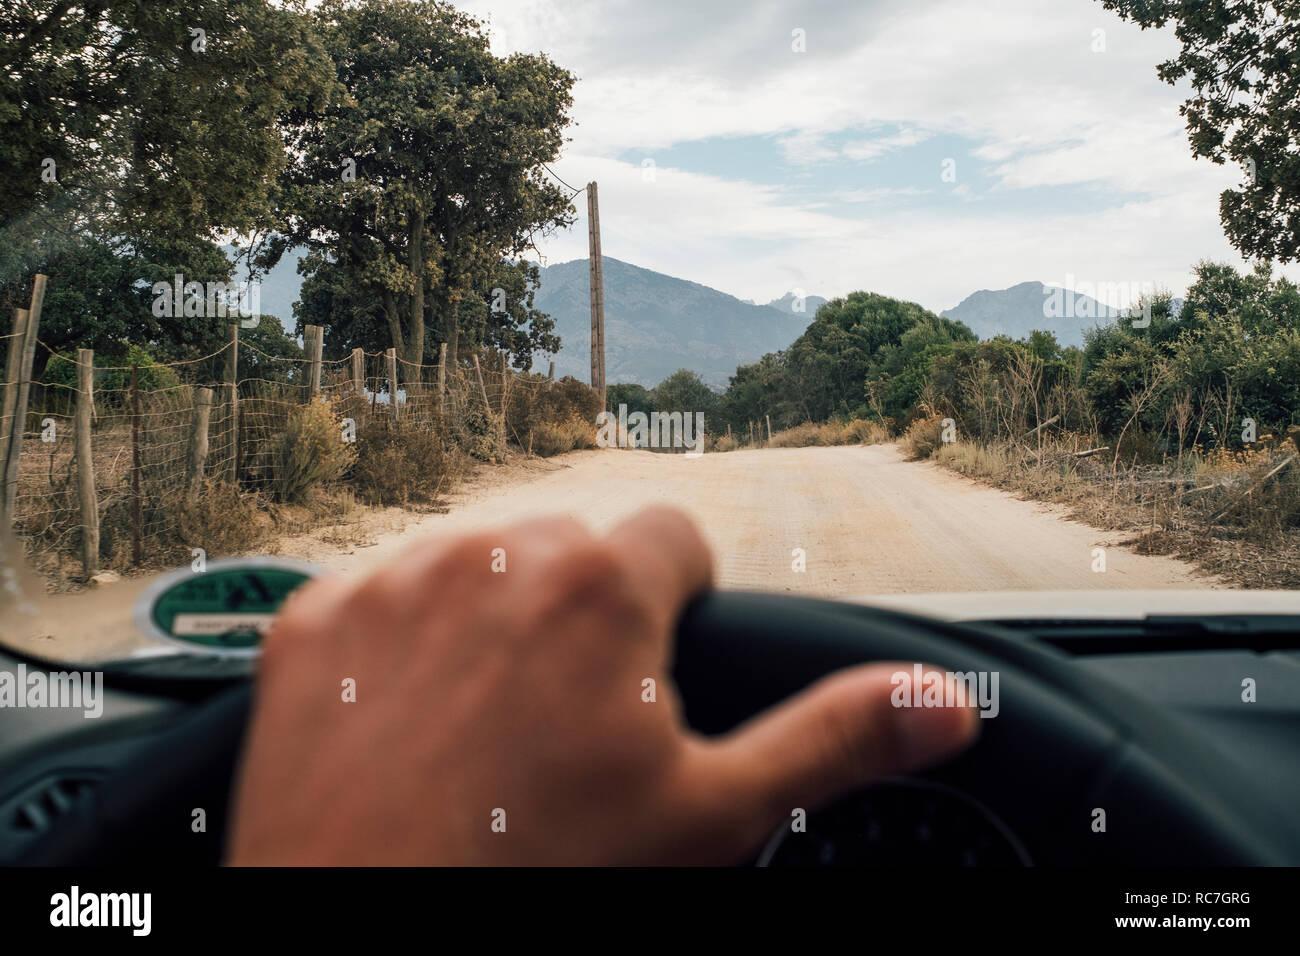 Derrière la roue du pilote de voiture, en route vers l'avant, Calvi, Corse, France Banque D'Images